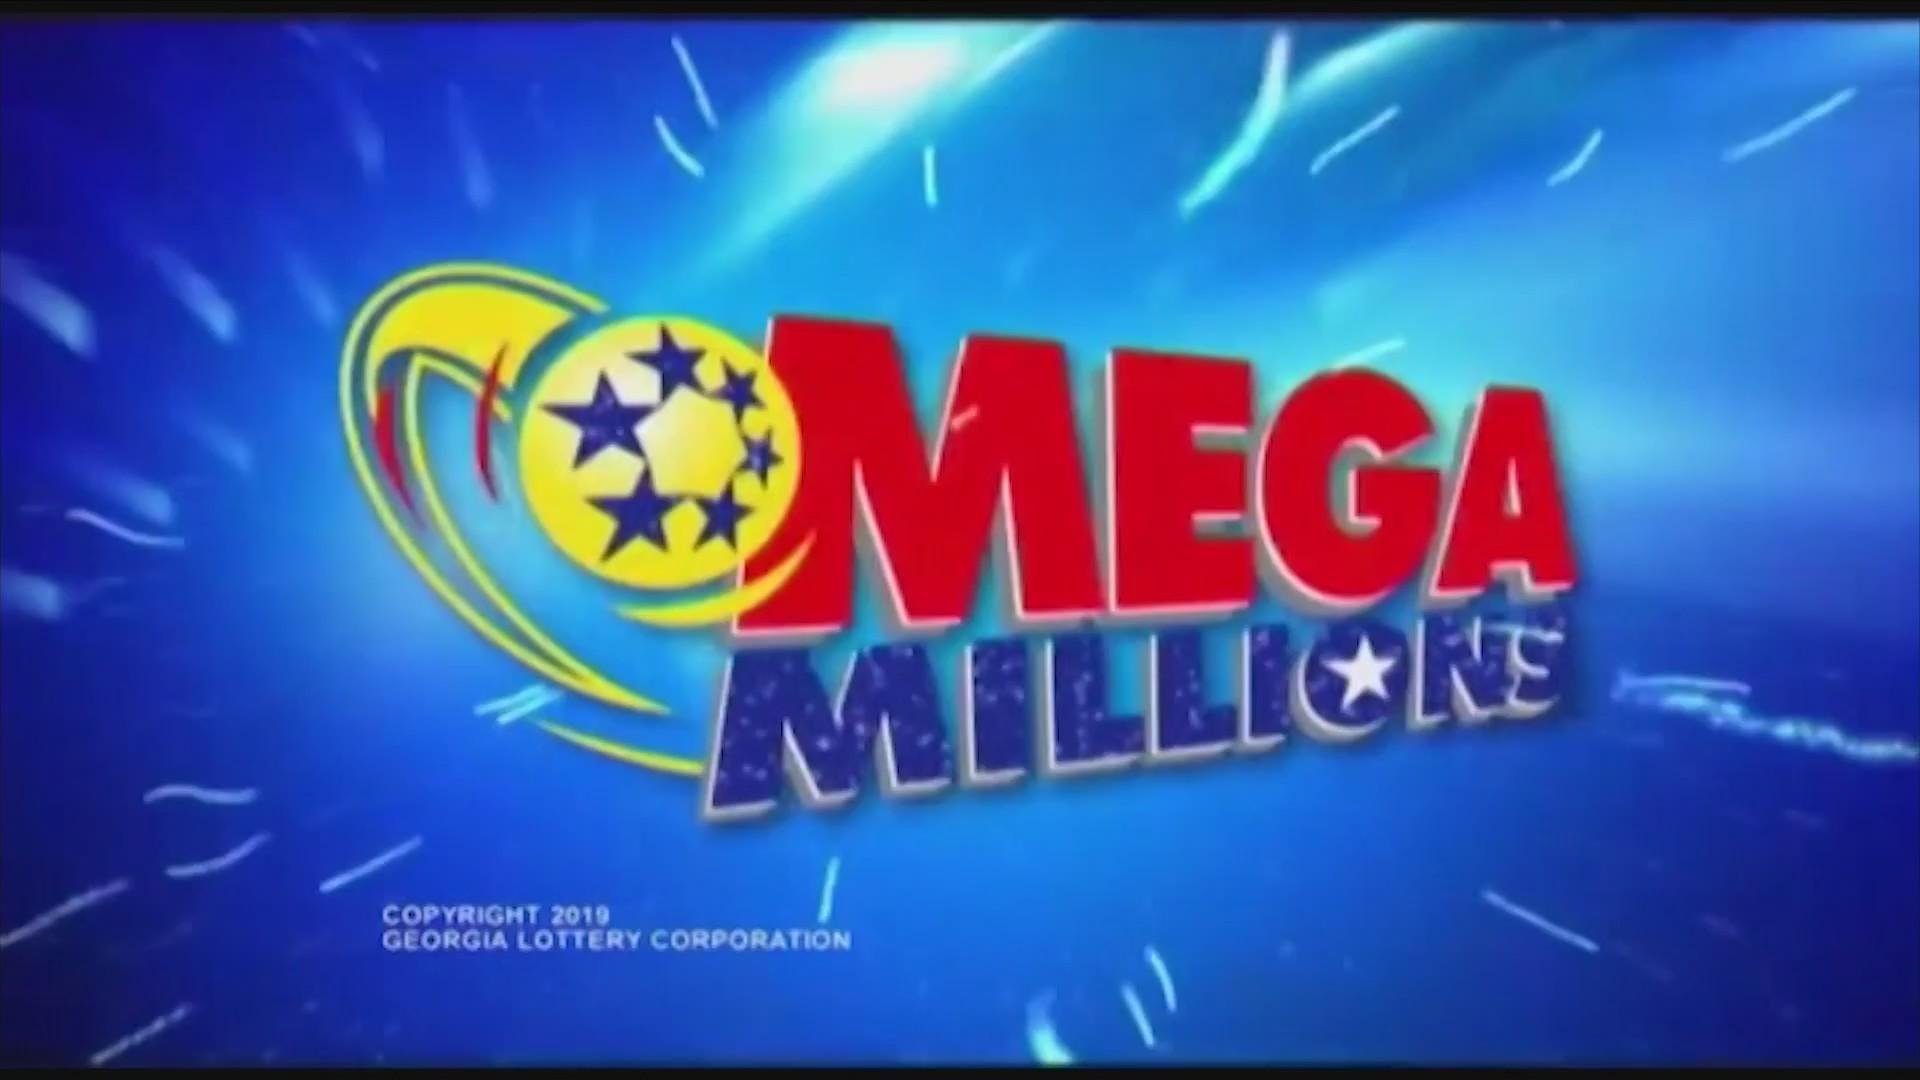 Mega Millions jackpot winner would start off 2019 with $425 million